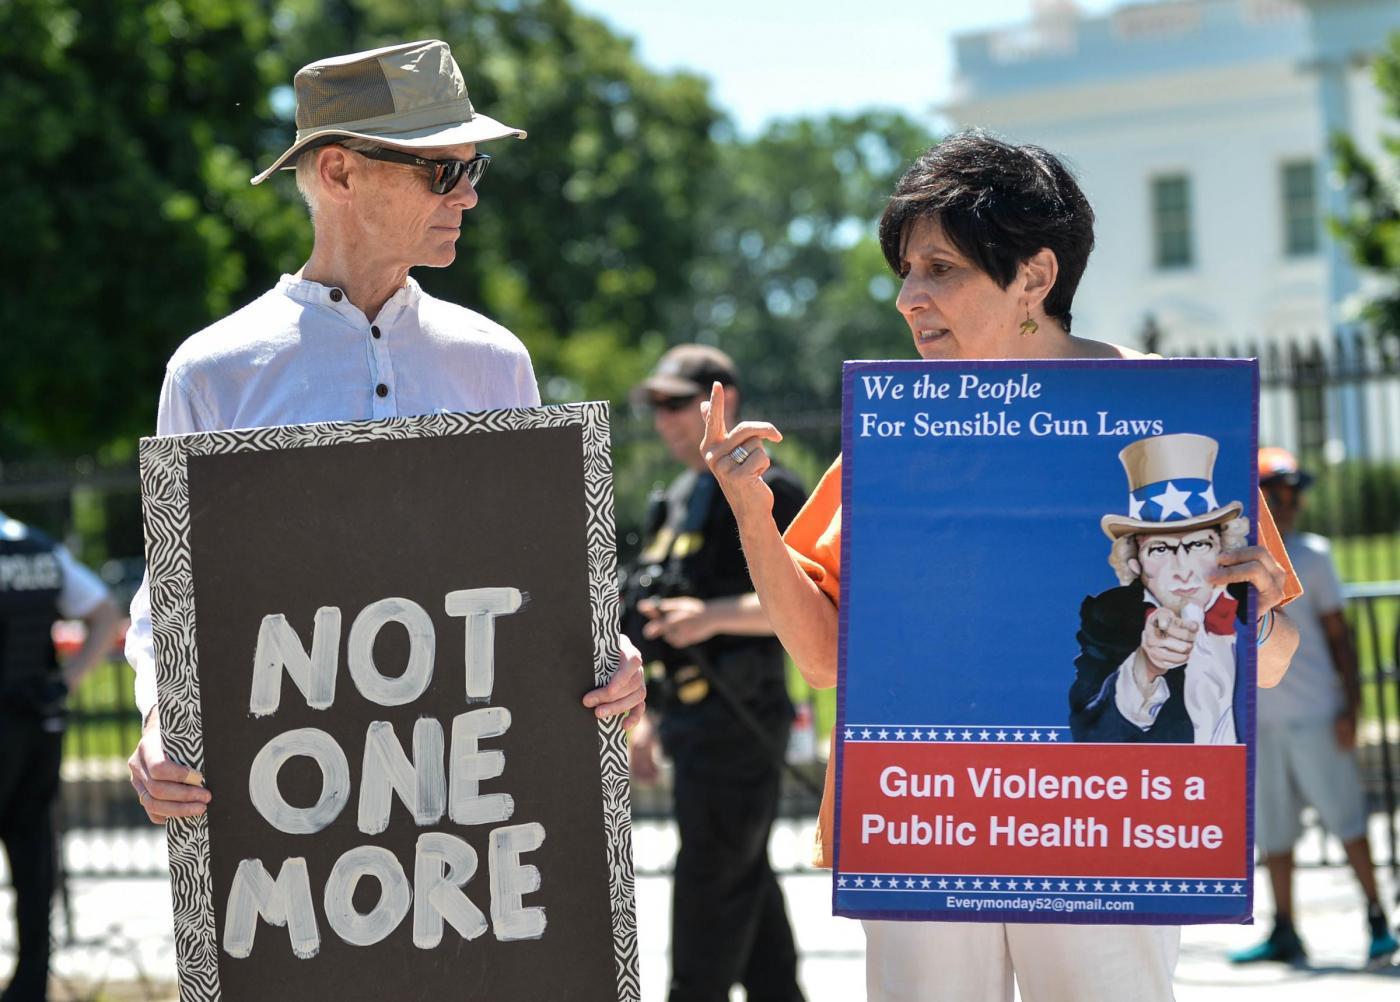 Strage di Orlando: il giorno dopo tra dolore, rabbia e polemiche